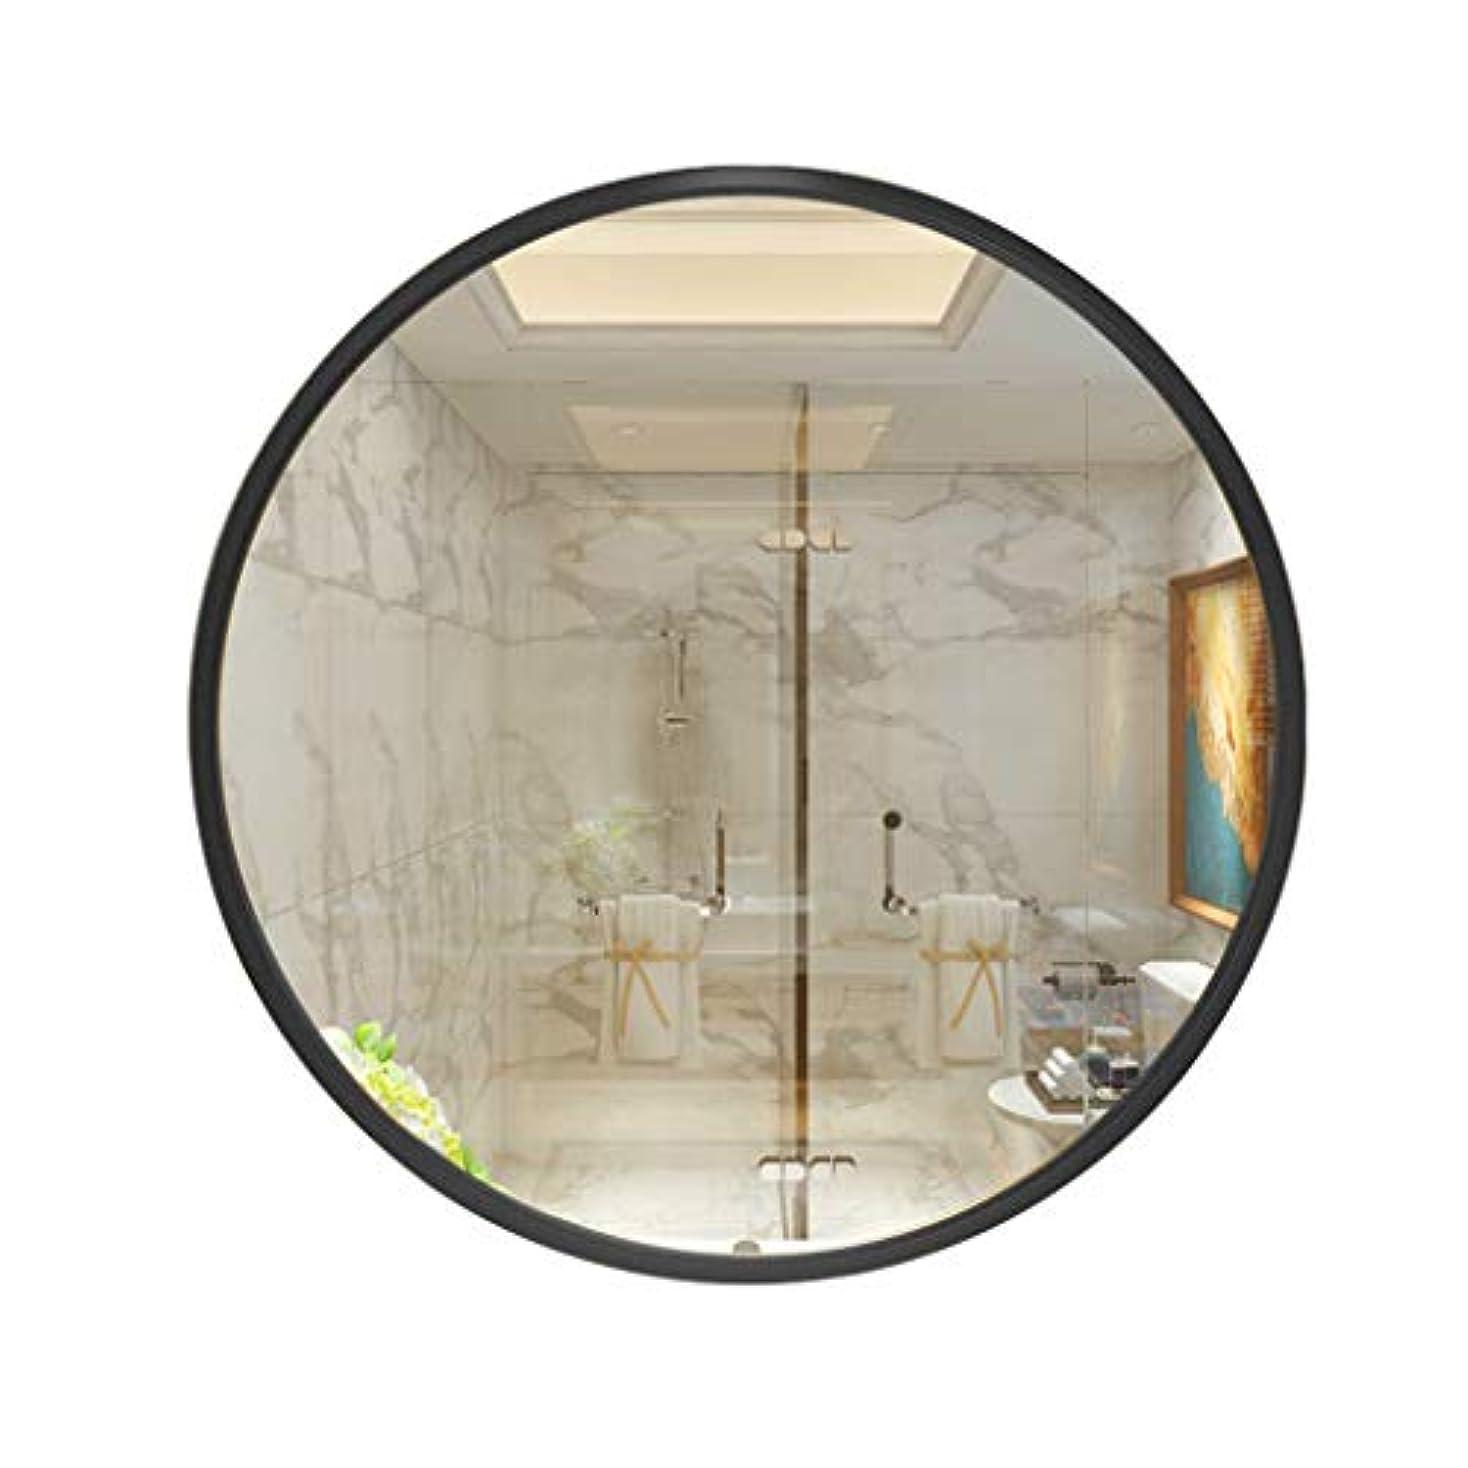 パノラマユニークな誰のGYX-壁掛鏡 壁掛けミラーラウンドヨーロッパスタイル直径40/50/60/70 cmブラックメタルフレーム寝室/バスルーム/リビングルーム用装飾